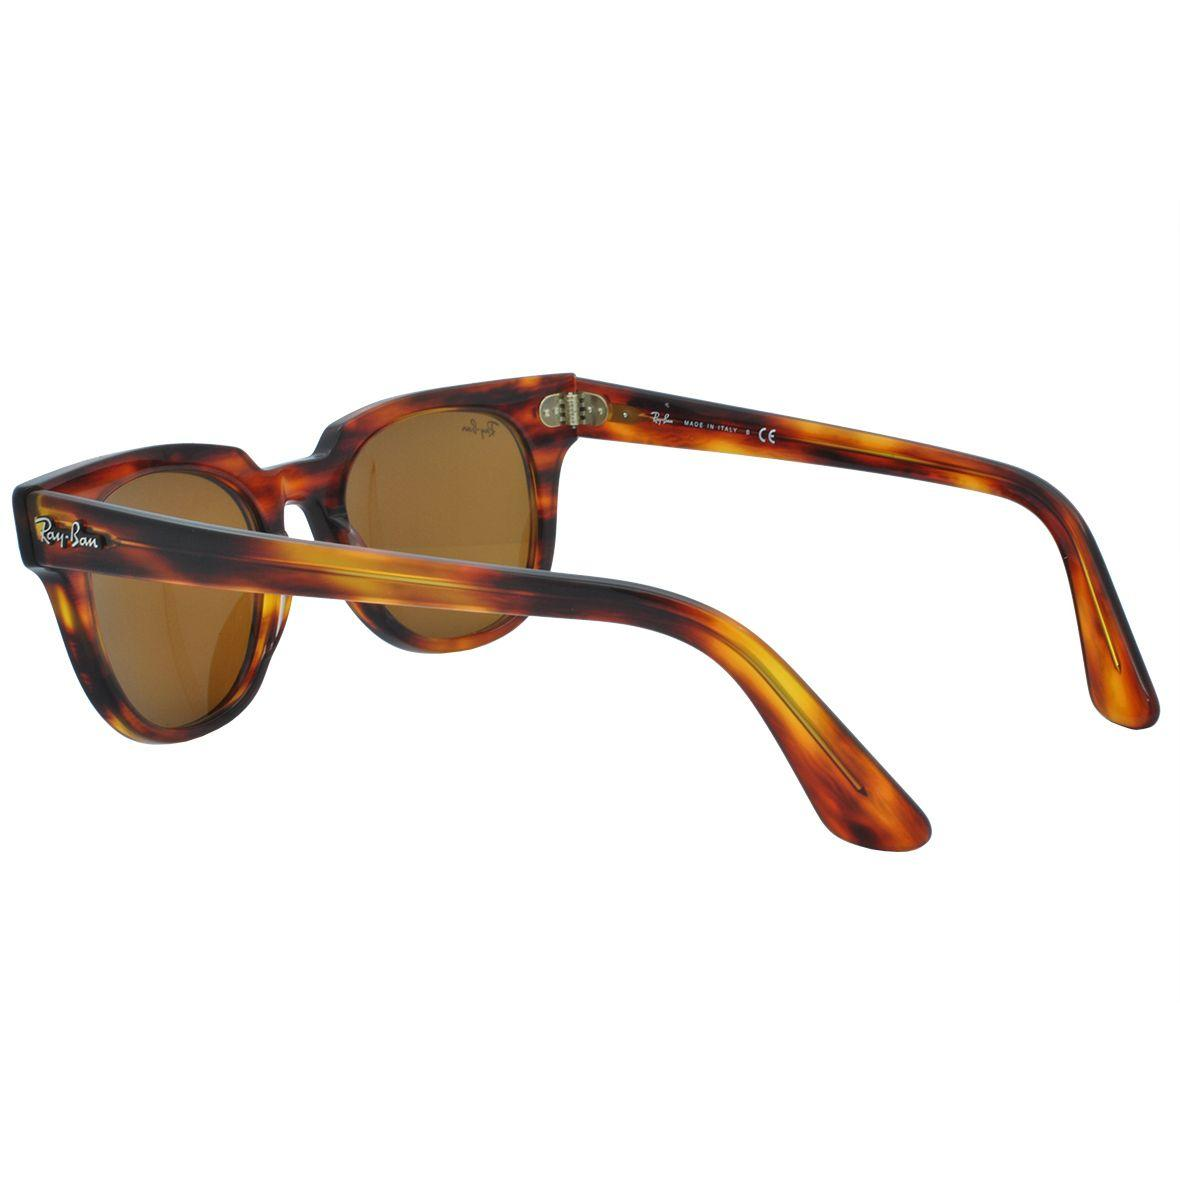 ec17a79c2 Óculos de Sol Ray Ban Feminino Meteor RB2168 954/3350 - Acetato Tartaruga  Marrom R$ 611,00 à vista. Adicionar à sacola